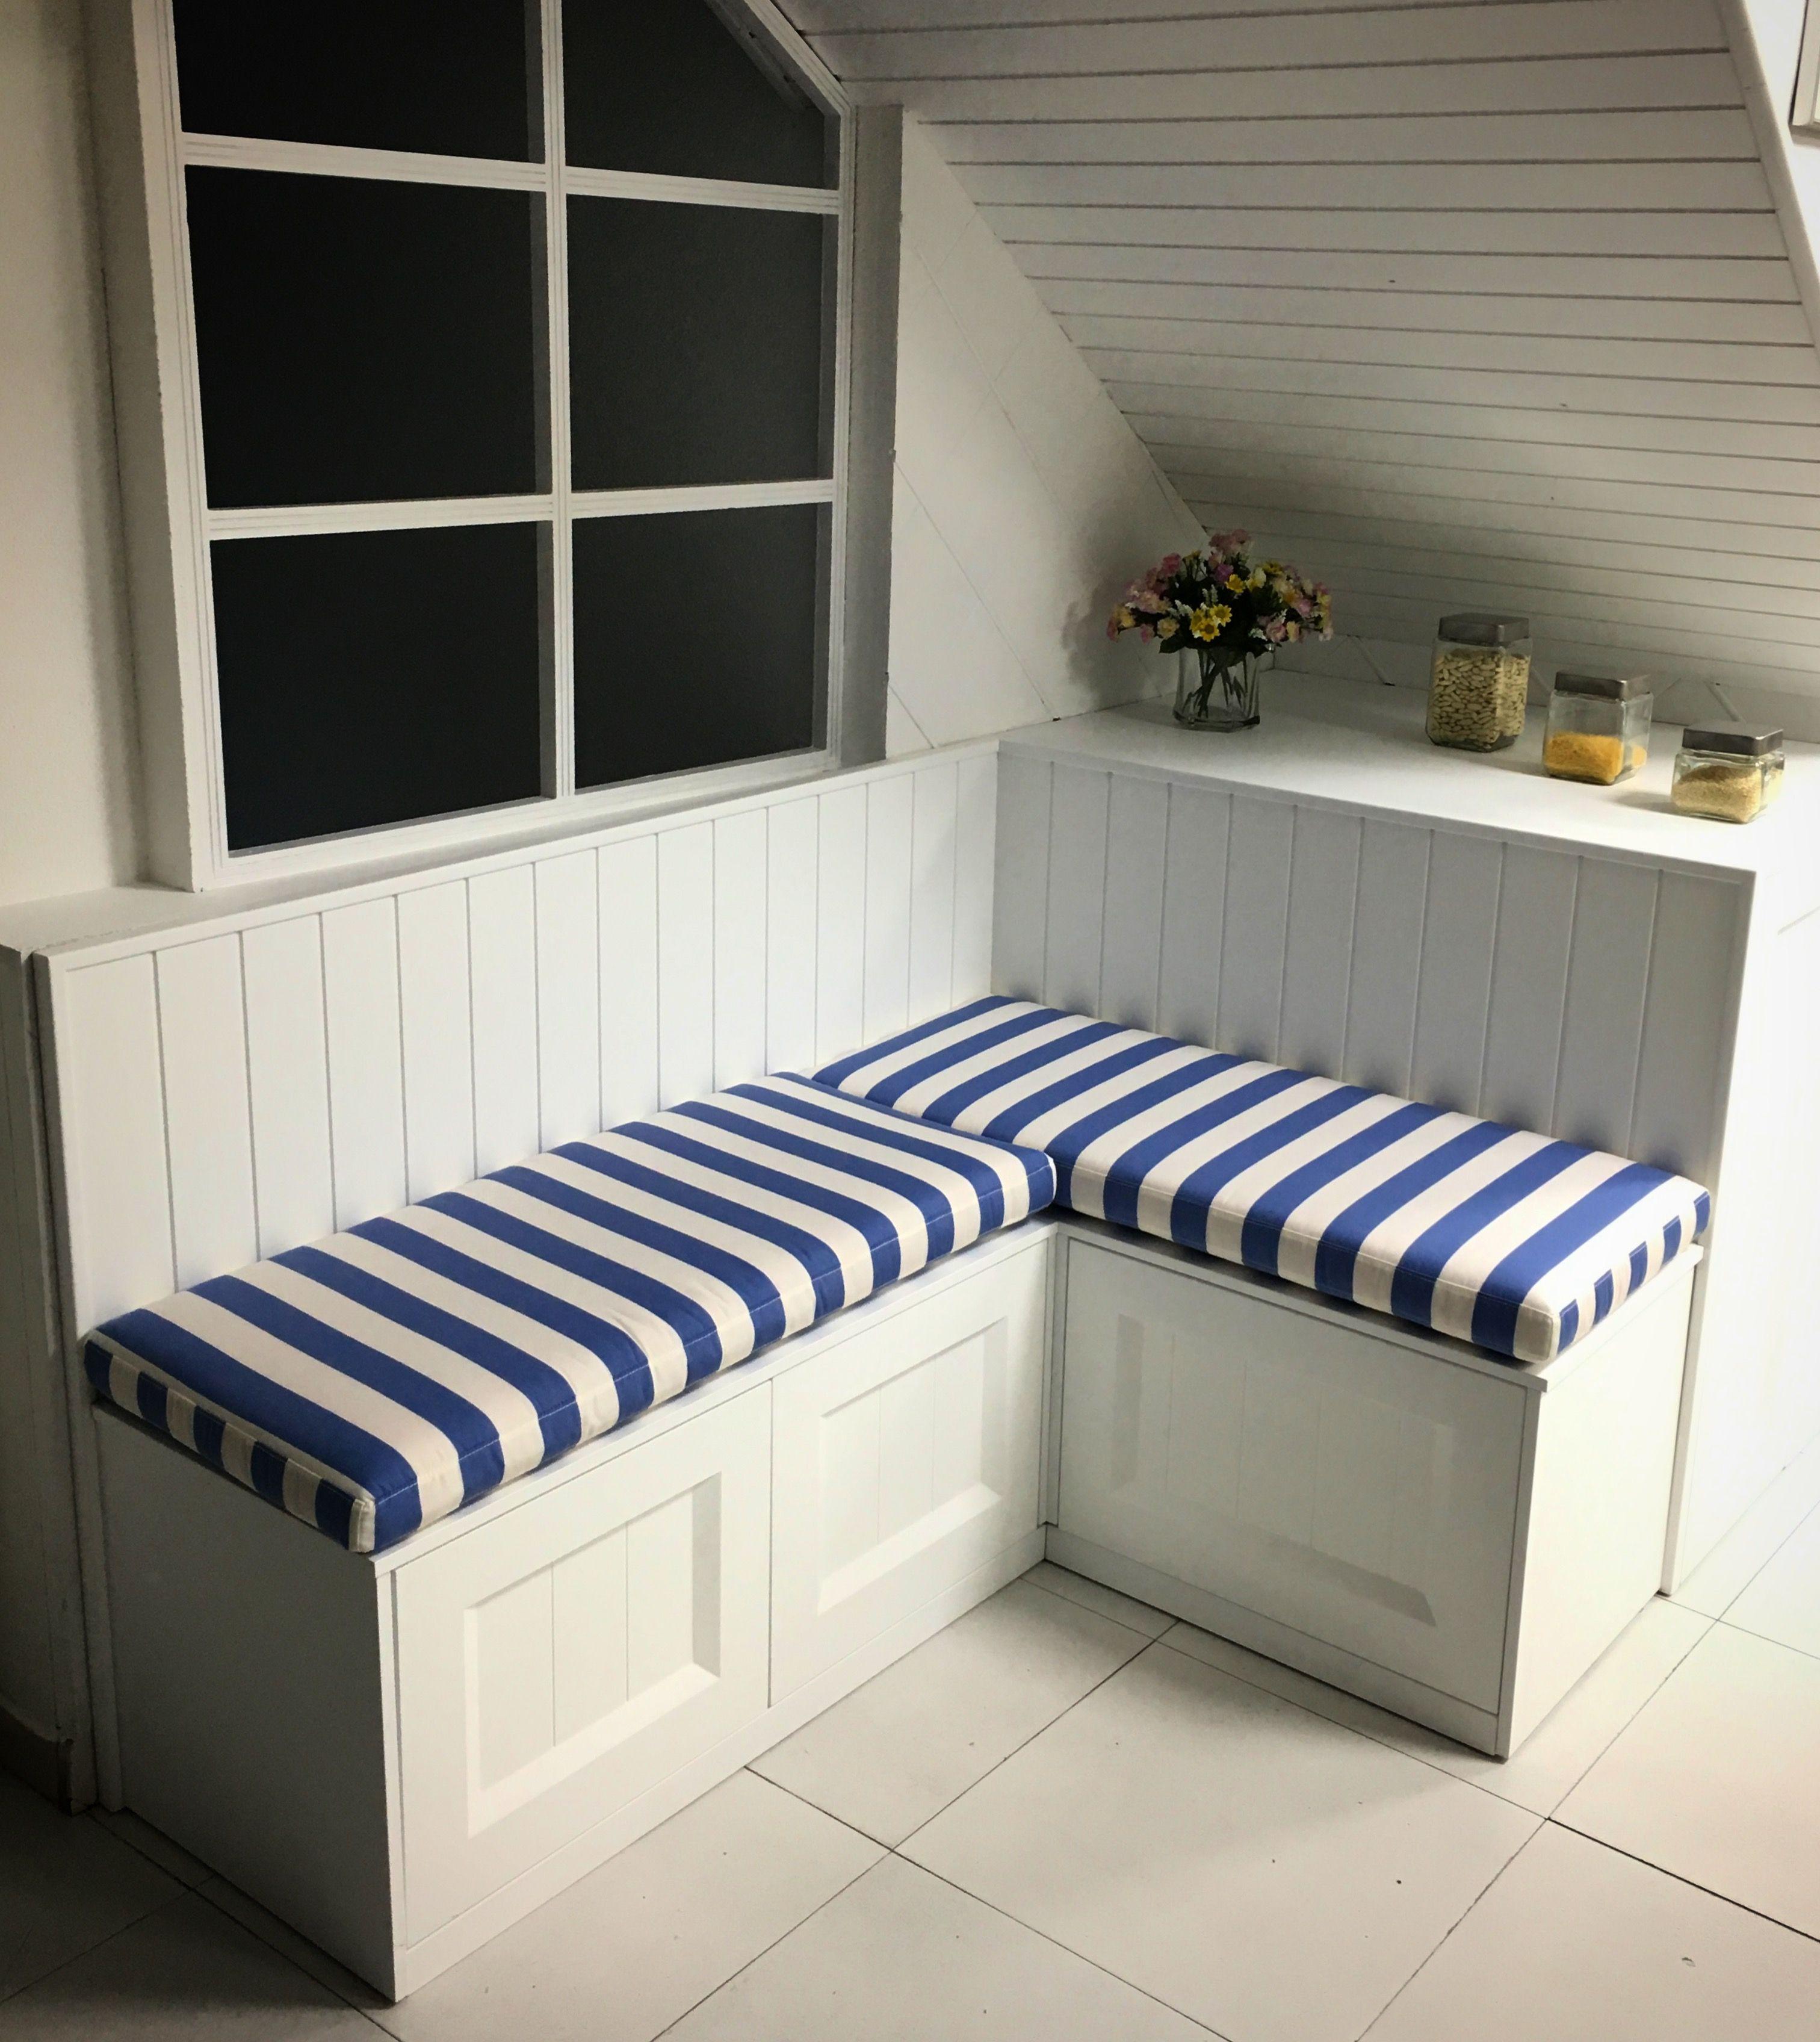 Banco de cocina a medida | Bancos de cocina, Muebles con cajones y ...